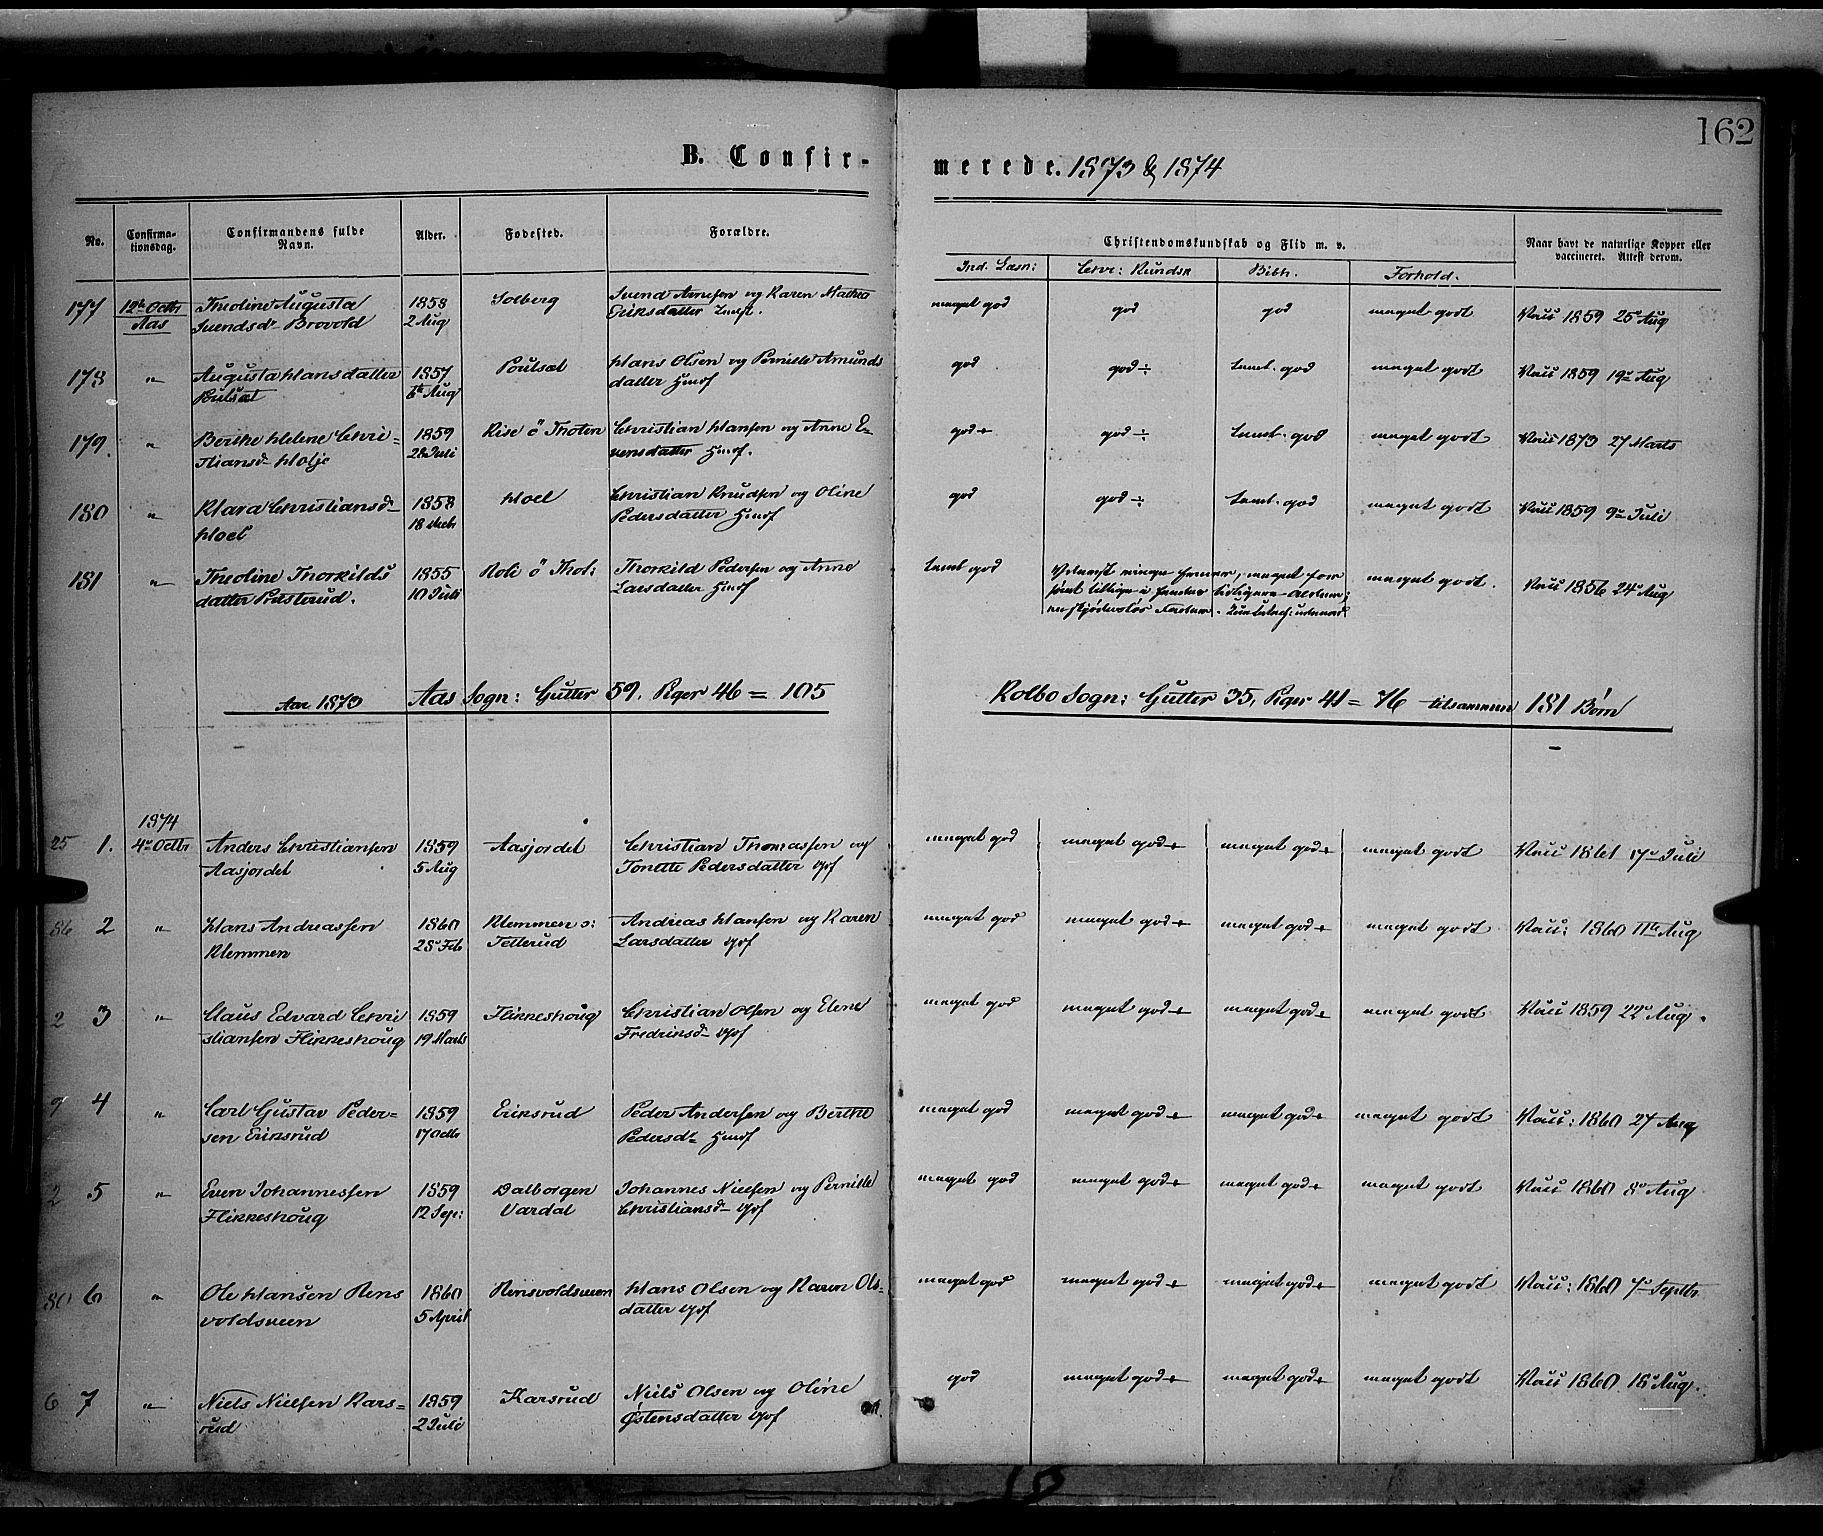 SAH, Vestre Toten prestekontor, Ministerialbok nr. 8, 1870-1877, s. 162